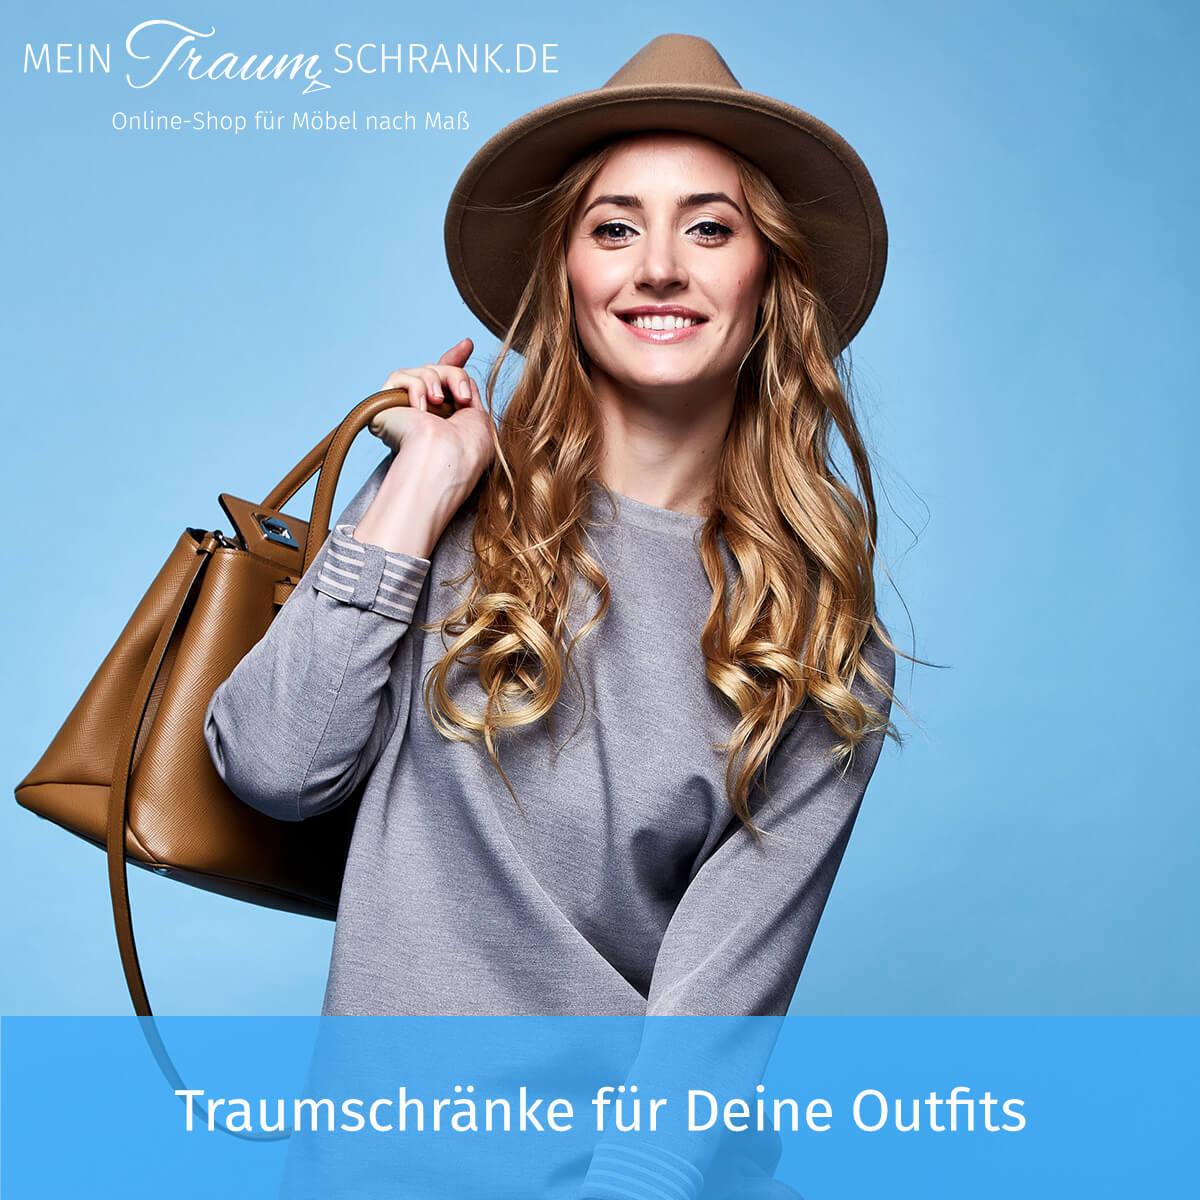 Traumschränke für Deine Outfits